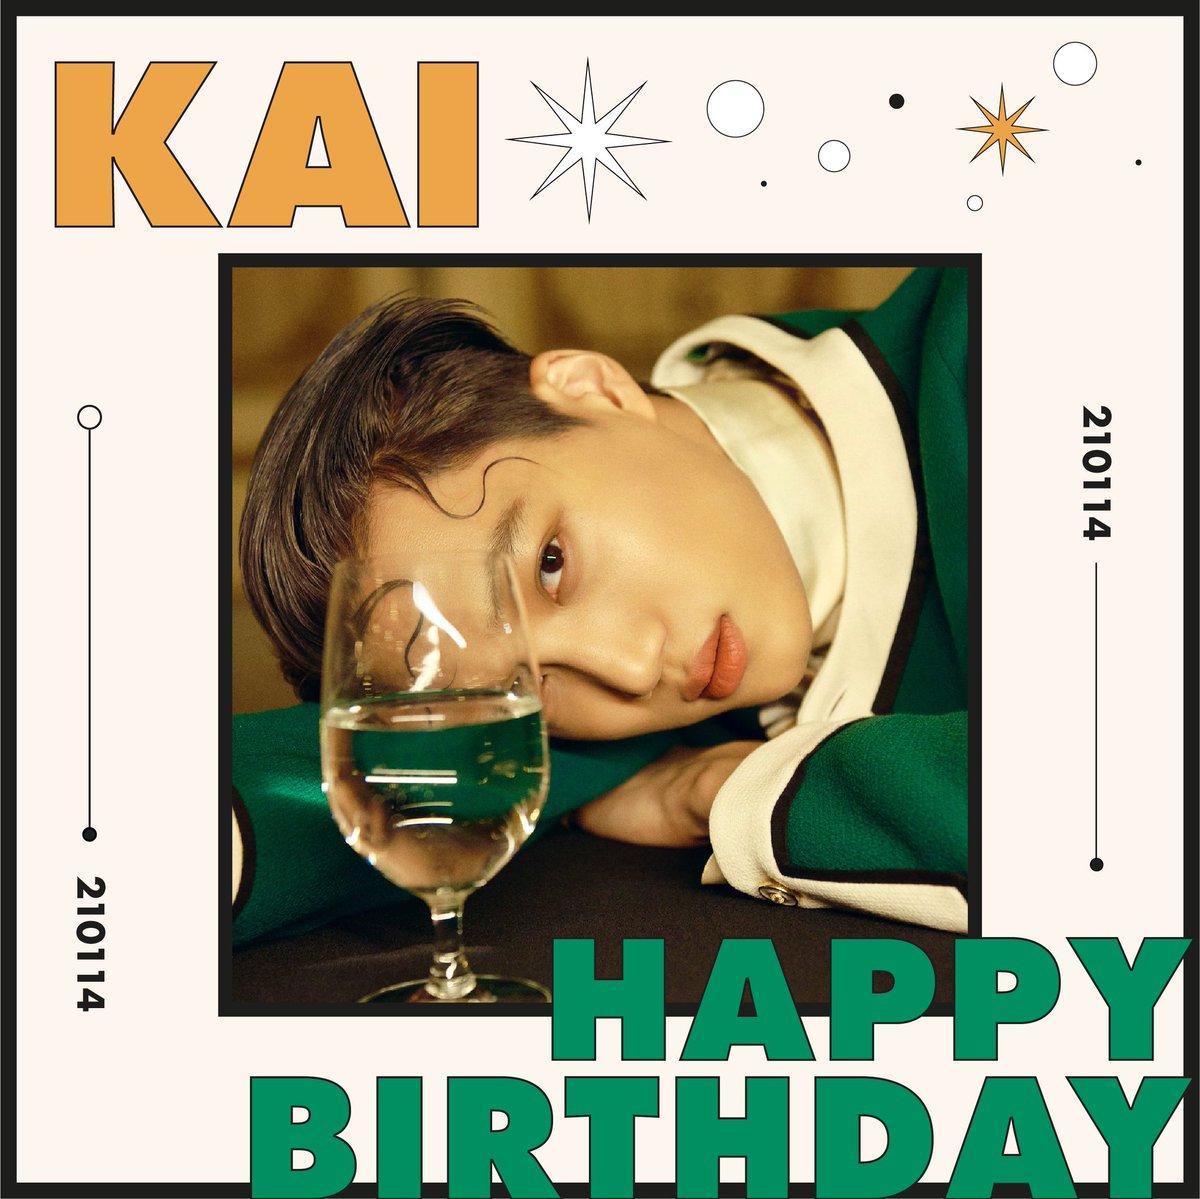 Siempre llego tarde, pero no importa. Feliz cumpleaños a KAI, ahr, lo quiero demasiado.   #HappyKaiDay #kaibirthday #EXOKAI #HappyBirthdayKai